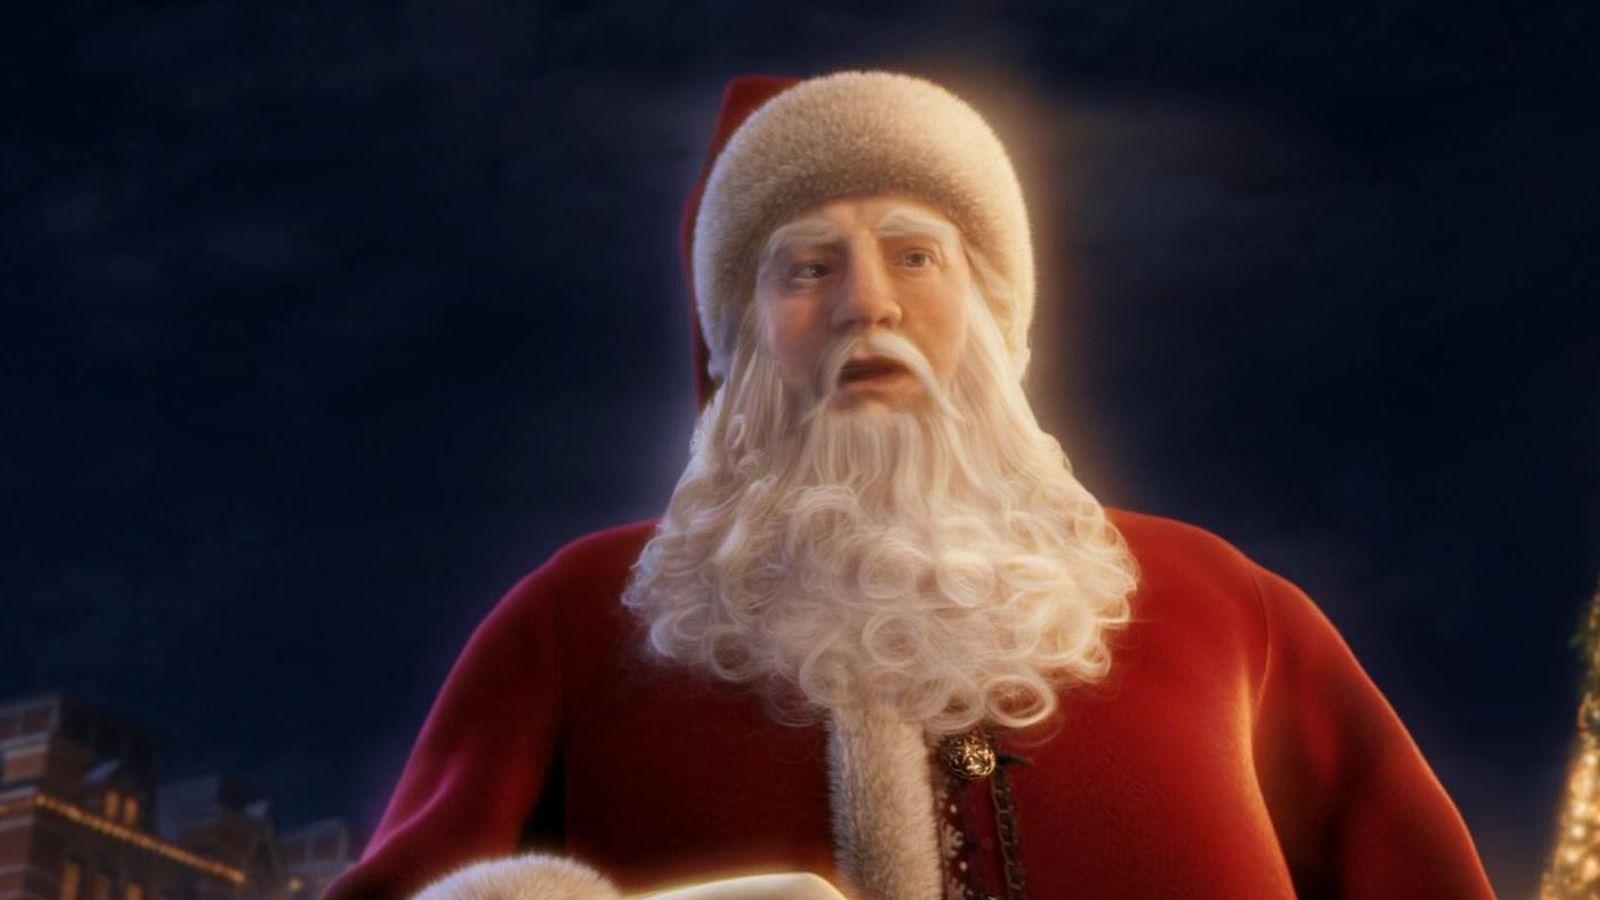 Zo ziet de kerstman eruit en ik ben het er niet mee eens